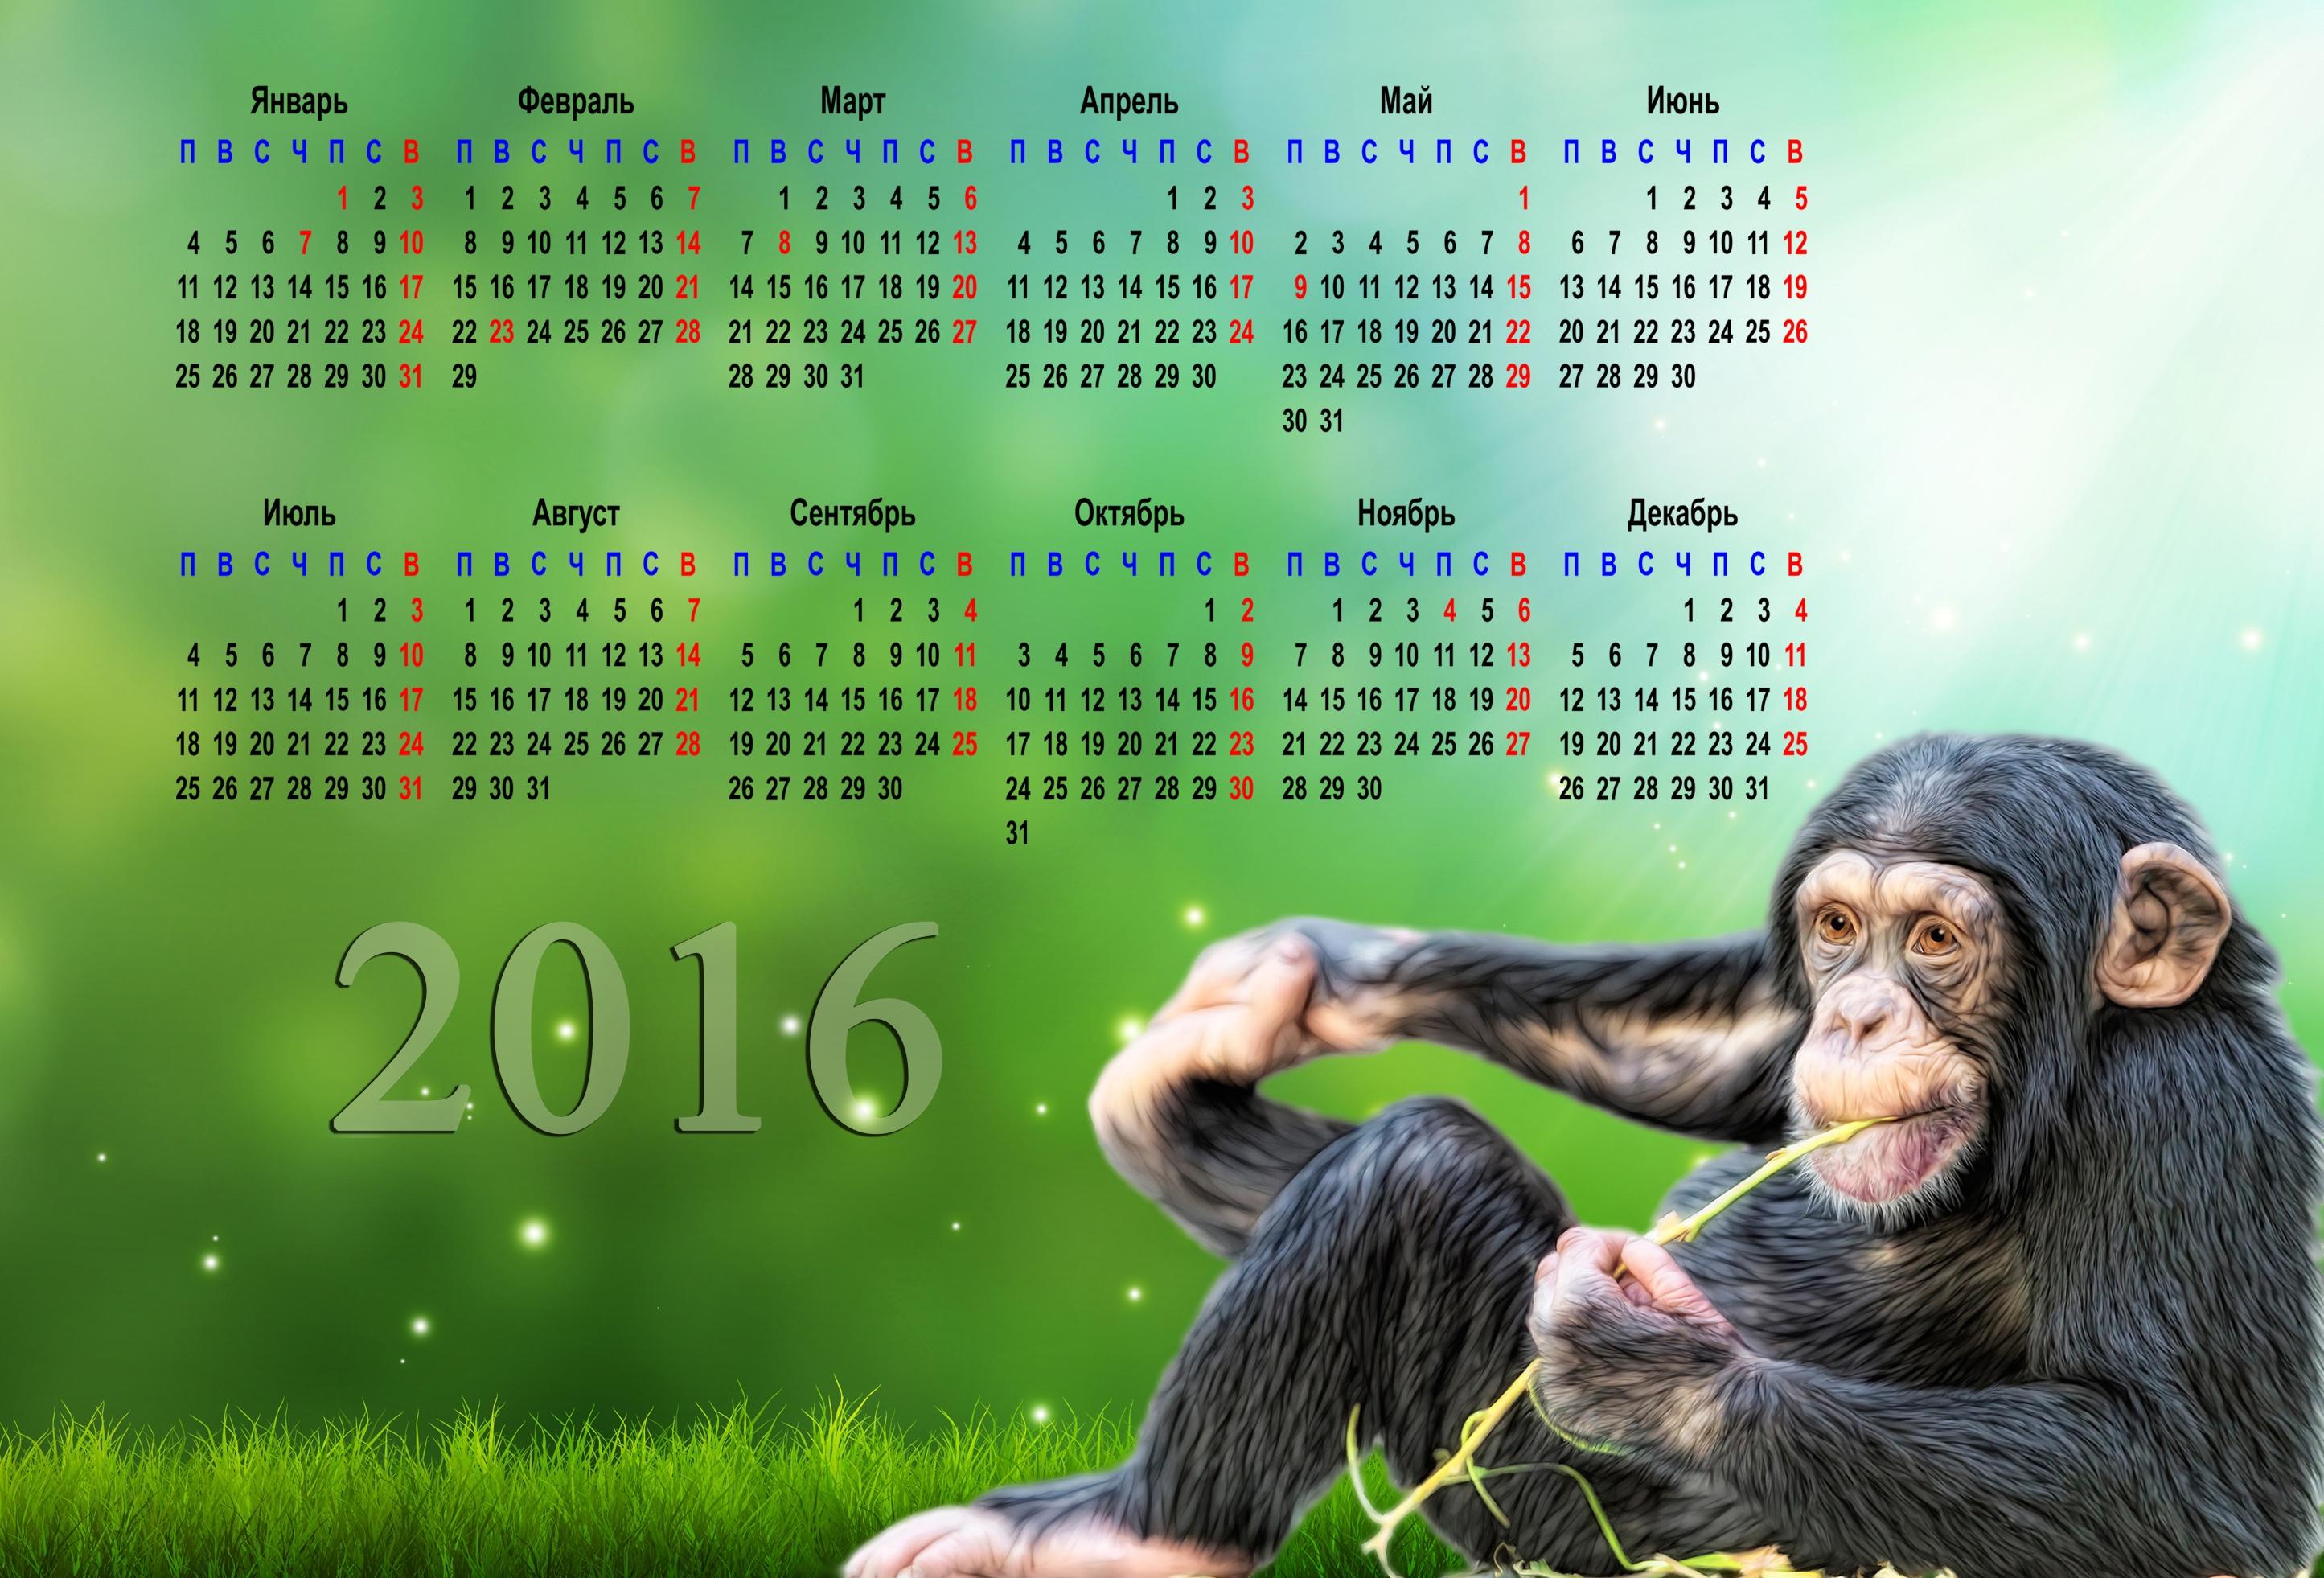 обои на рабочий стол часы и календарь скачать бесплатно № 204642 загрузить